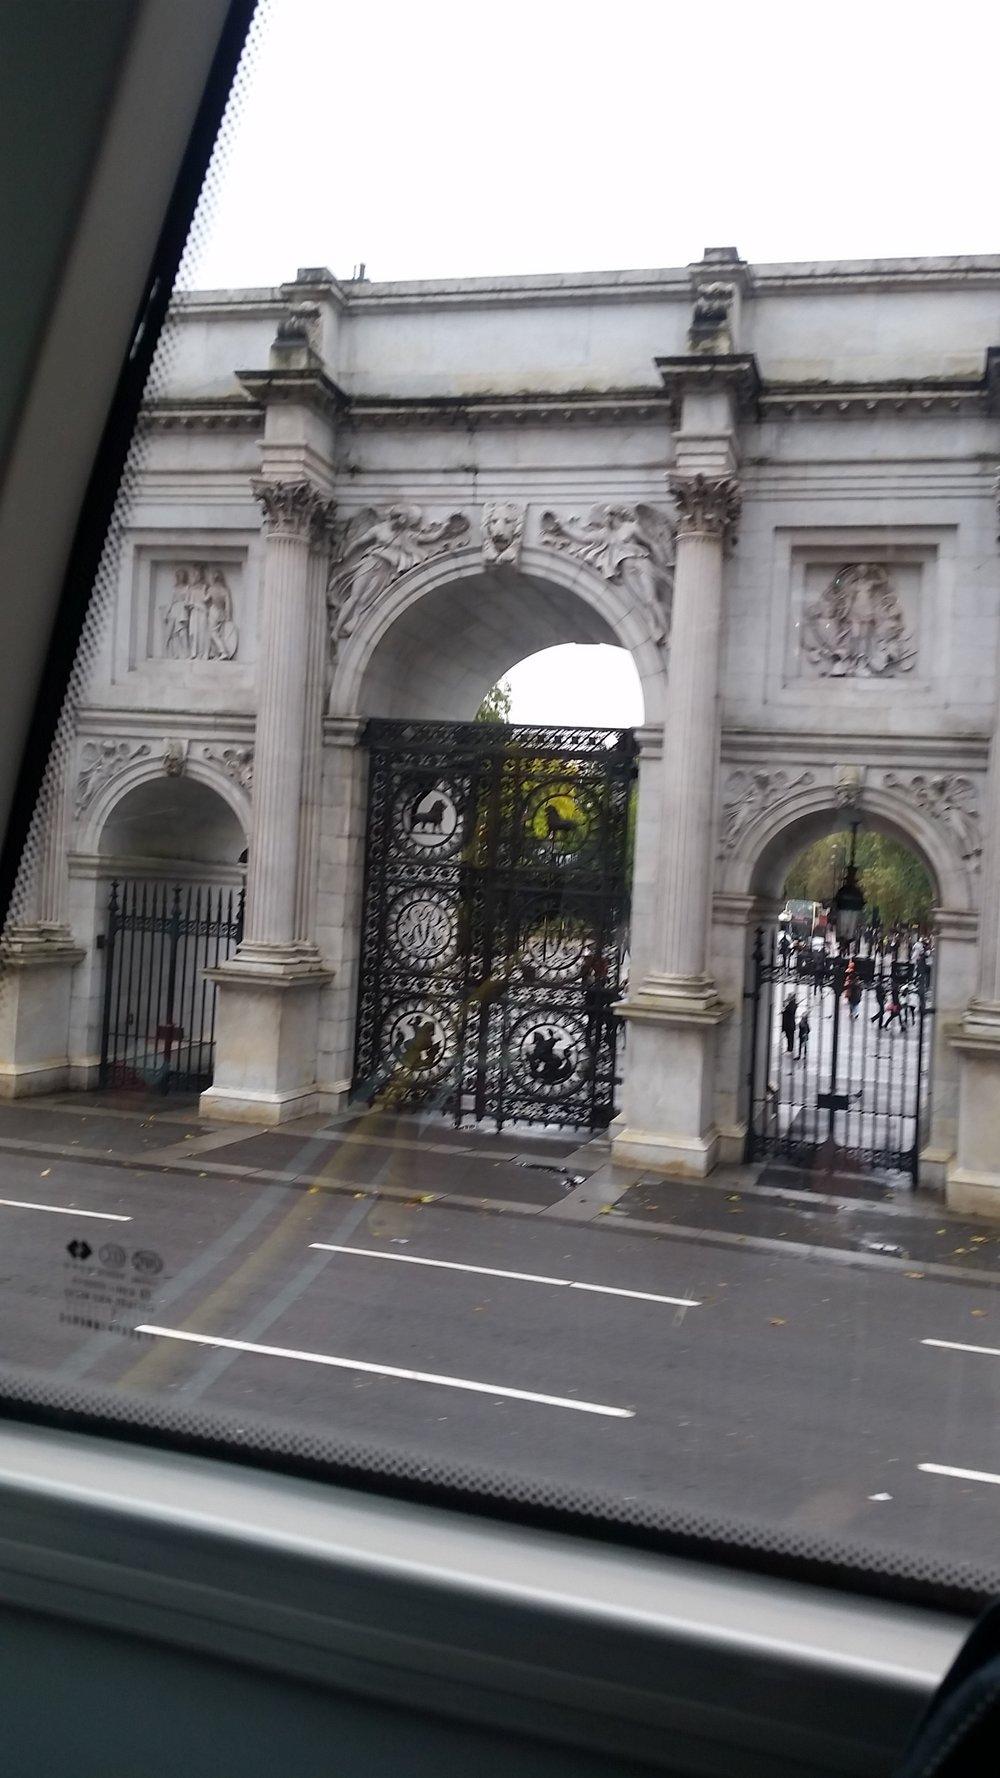 MarbleArch-London-thekini2